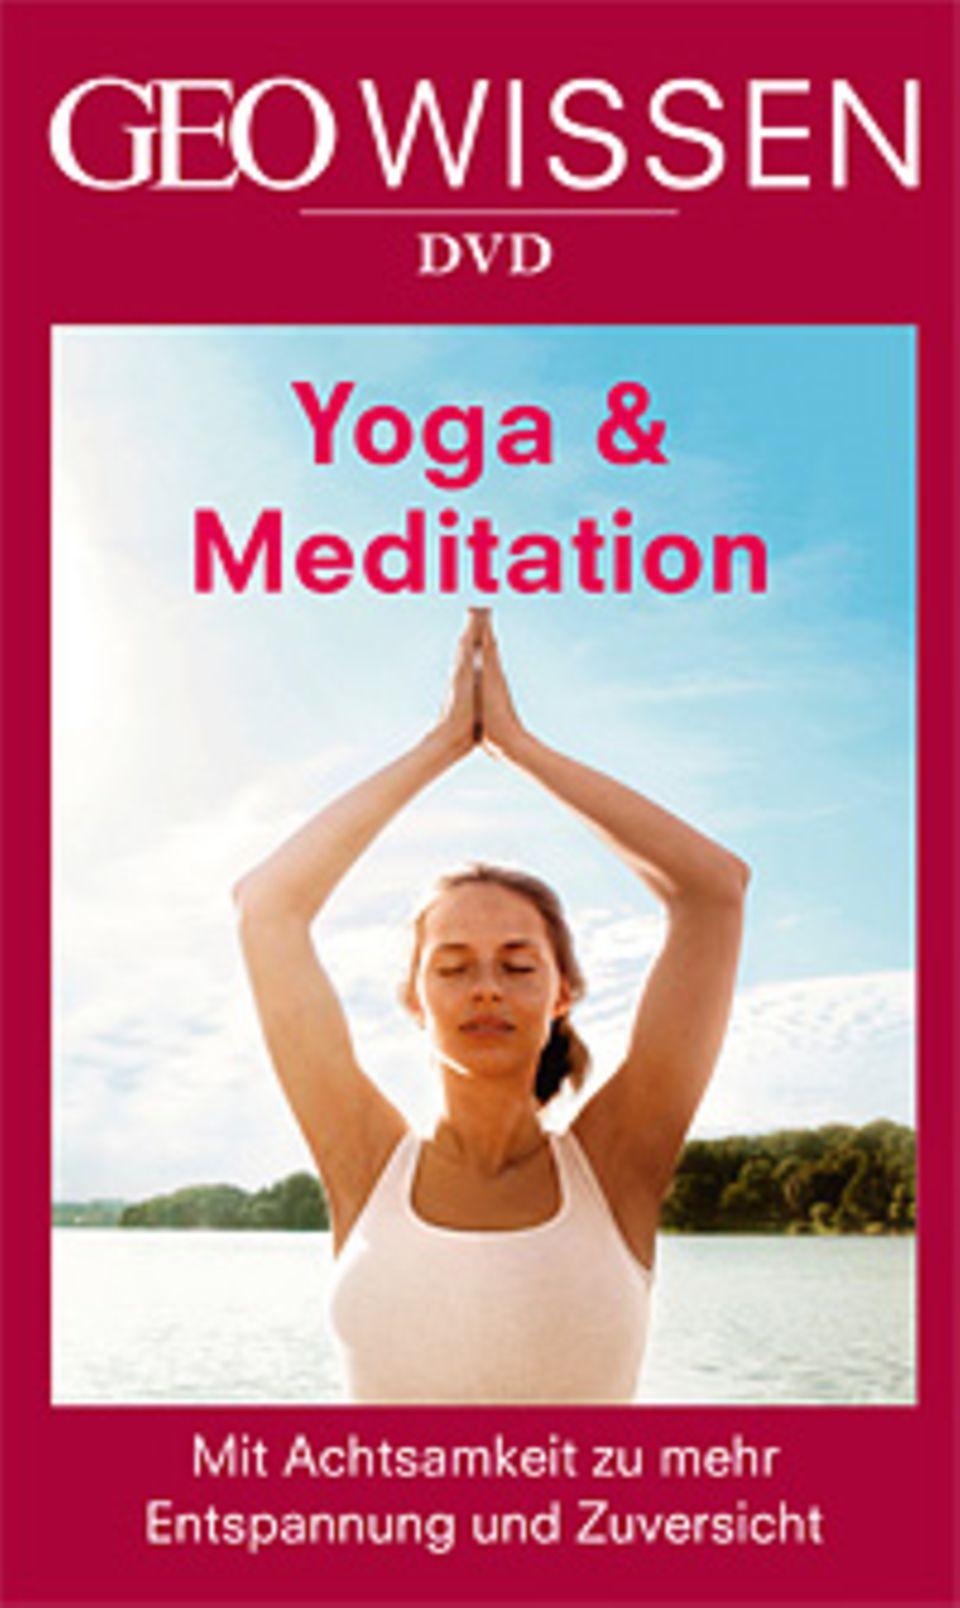 GEO WISSEN: DVD: Yoga und Meditation